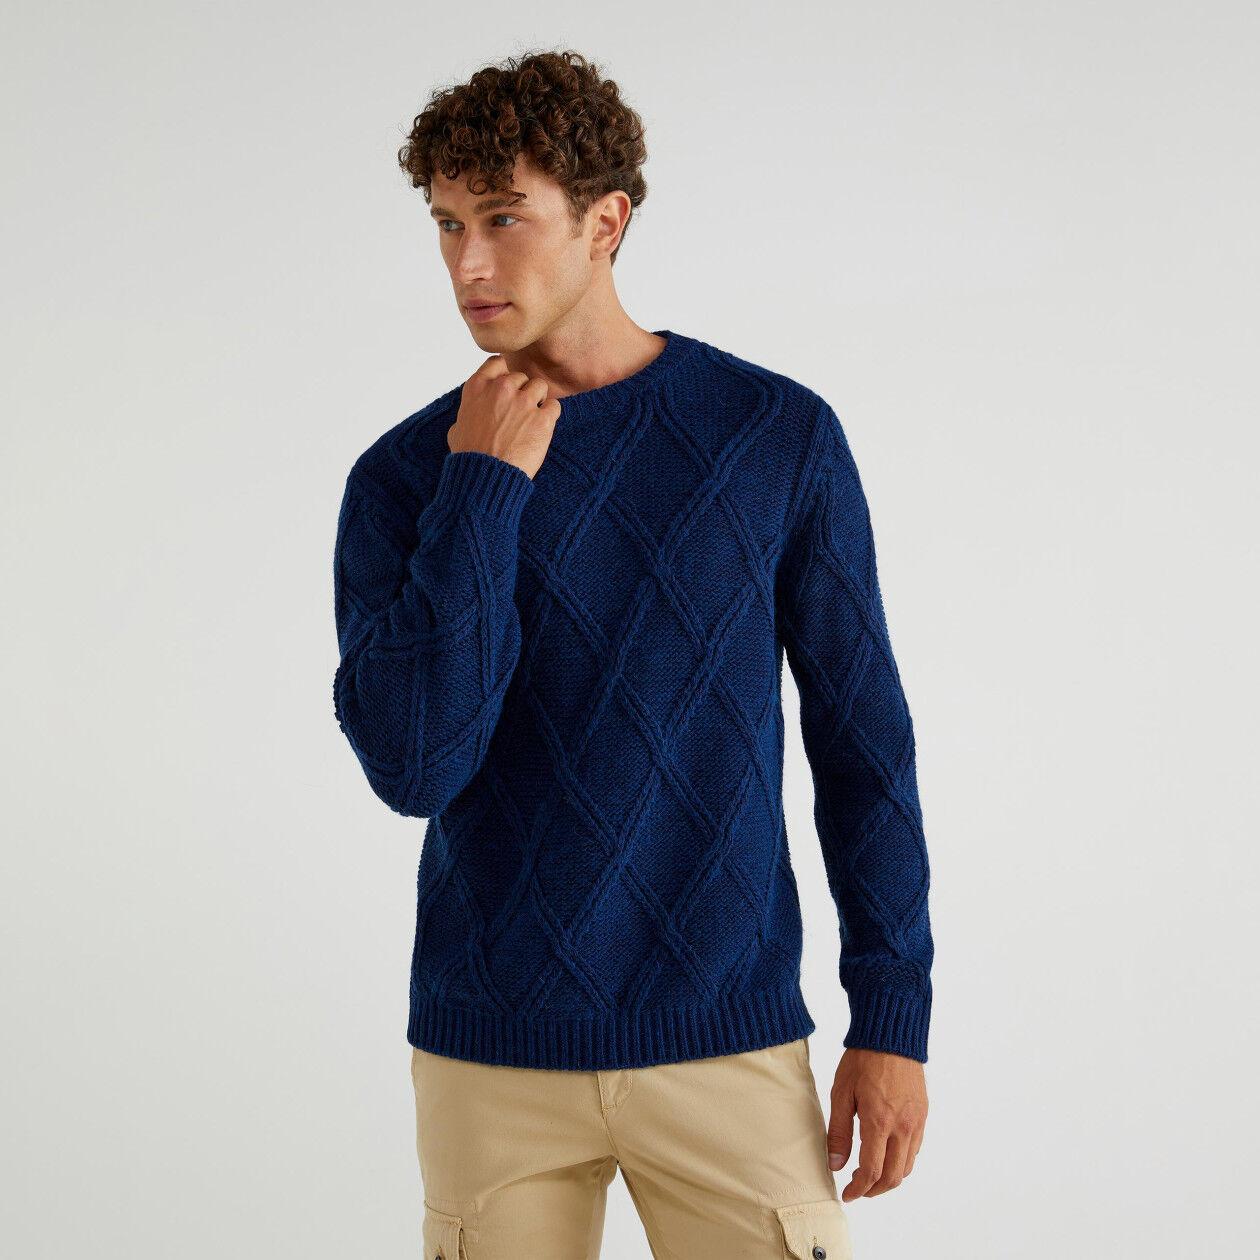 Pullover mit Rautenmuster